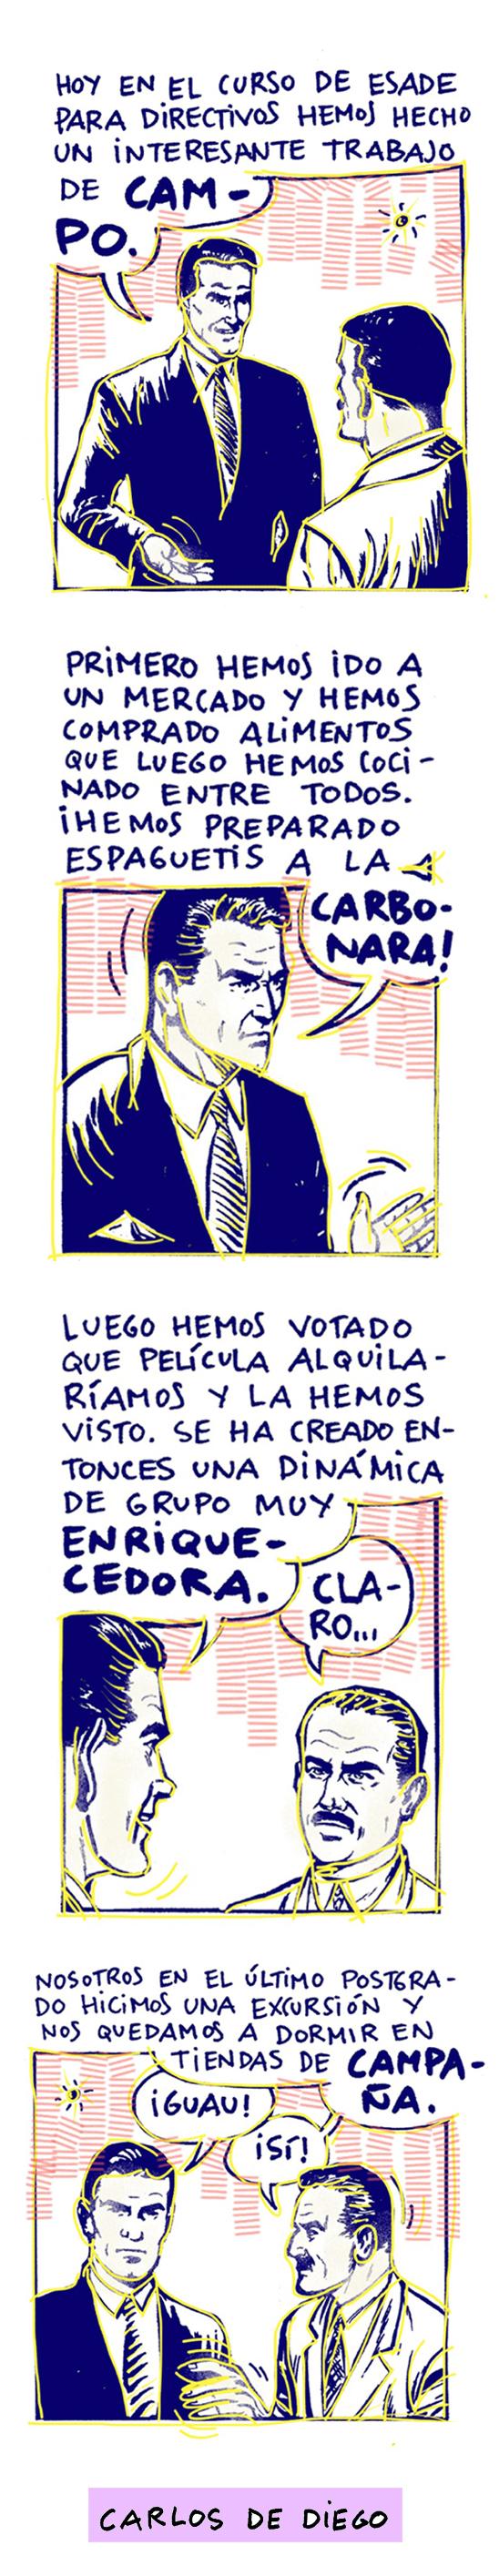 El estafador  179 Carlos de Diego